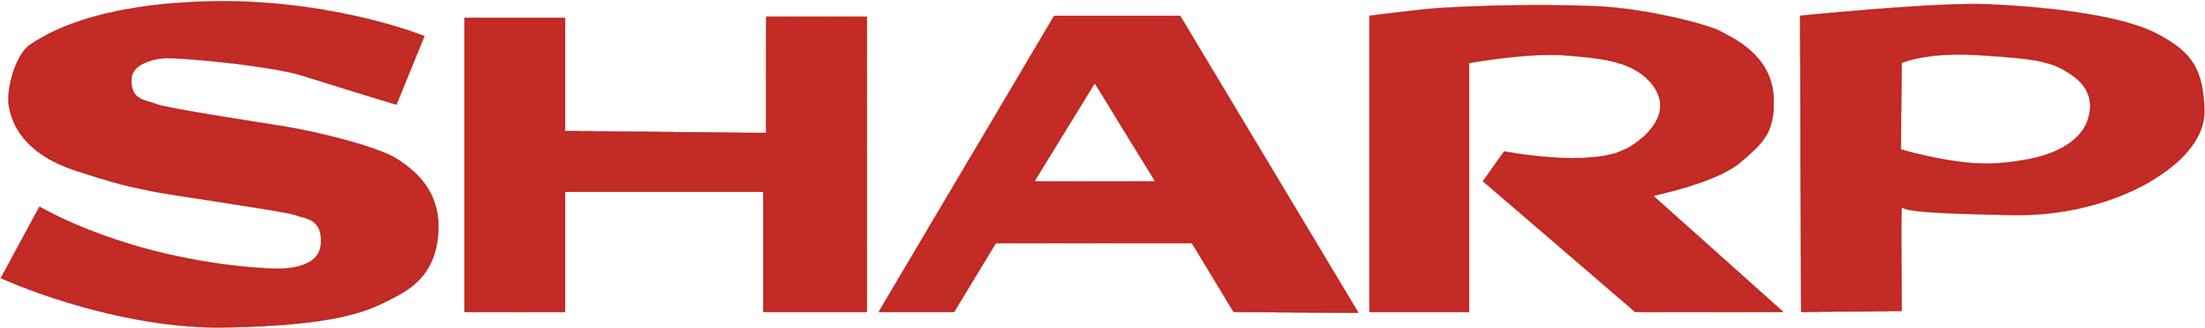 sharp_logo.png